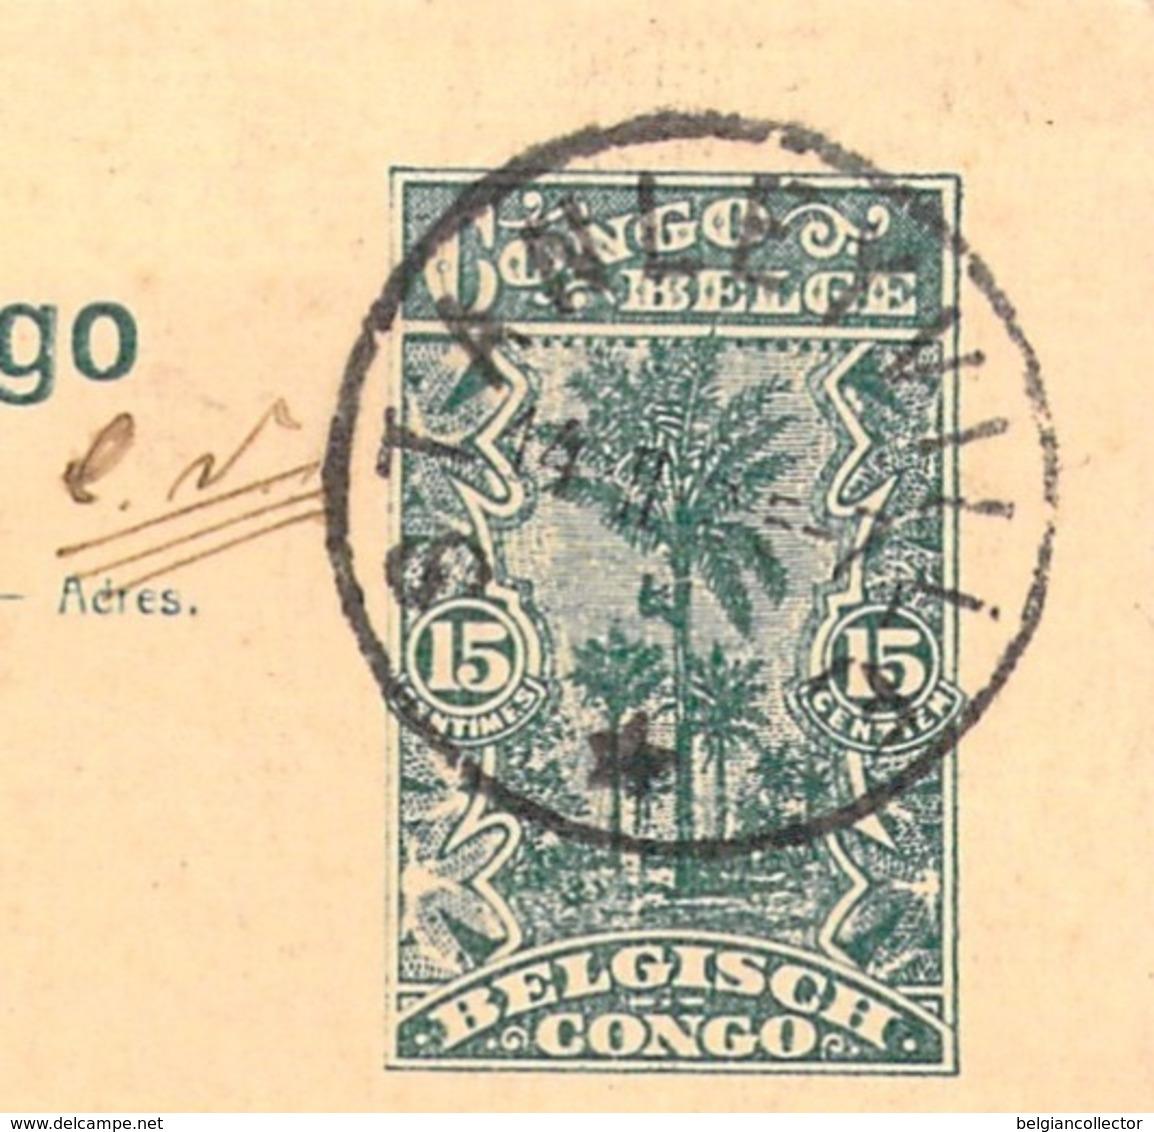 1925 - Congo Belge - M. Franck, Ministre Des Colonies En Route à Travers La Forêt Tropicale (Uele) - Belgisch-Kongo - Sonstige